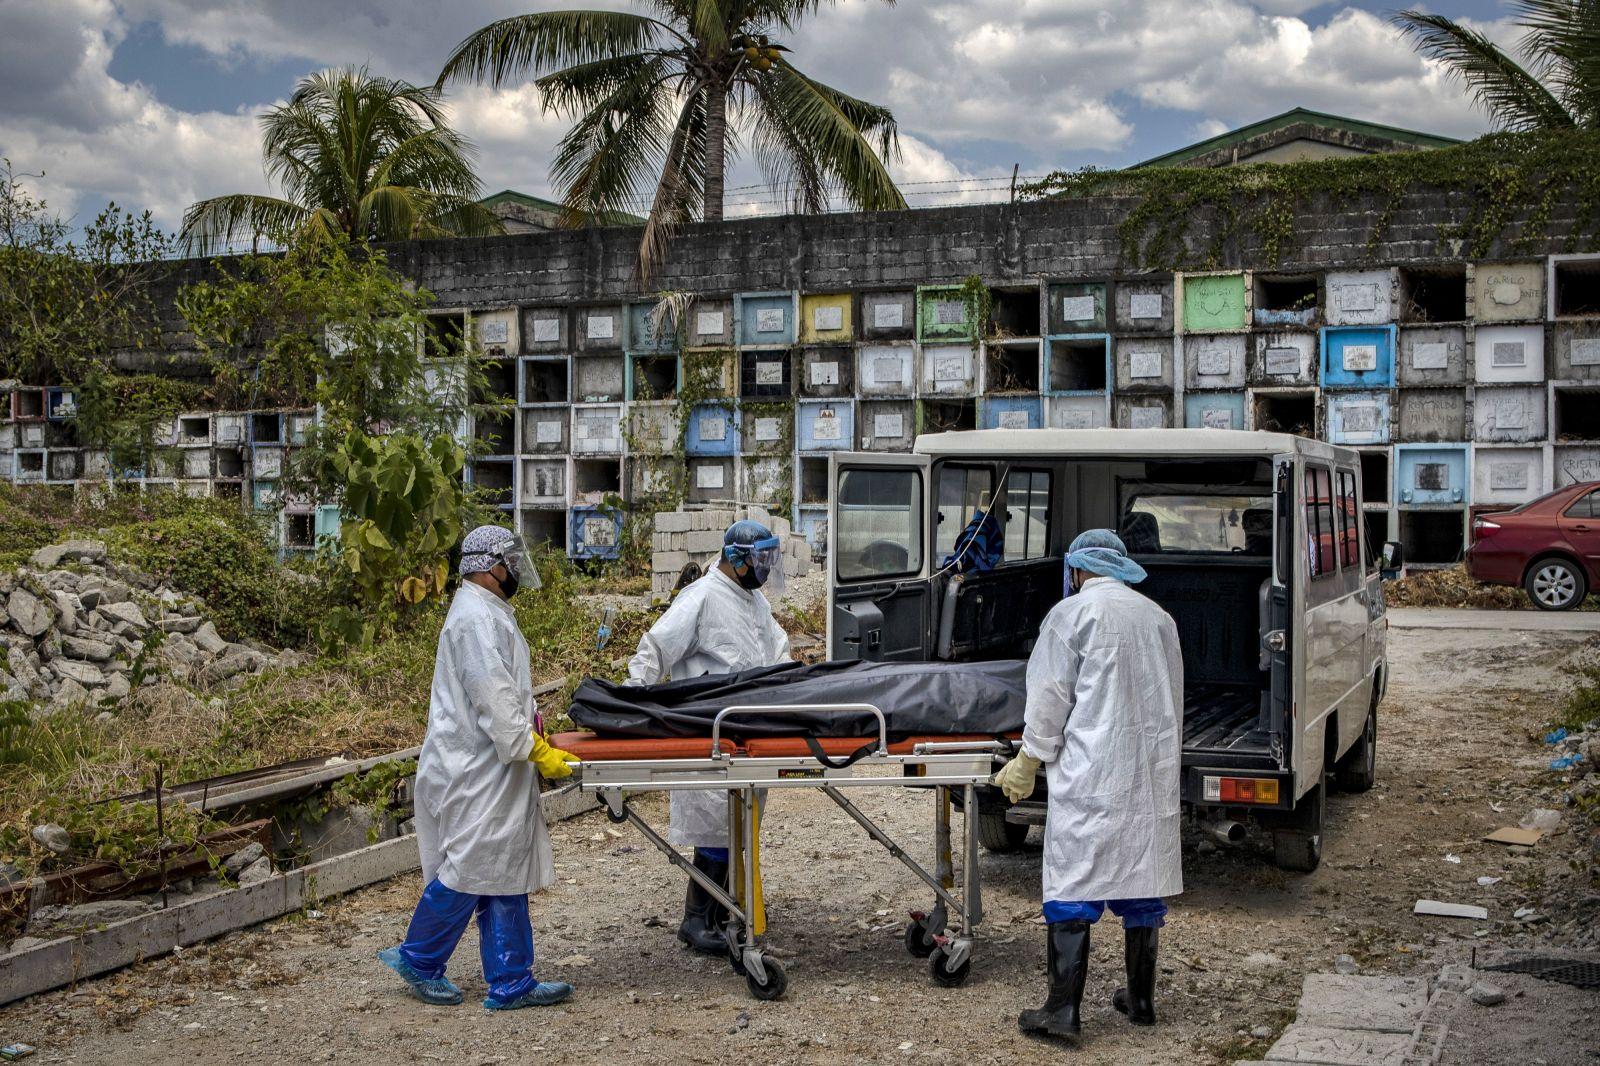 Koronavírus sa môže prenášať aj z mŕvych tiel. V Thajsku na to zomrel súdny lekár